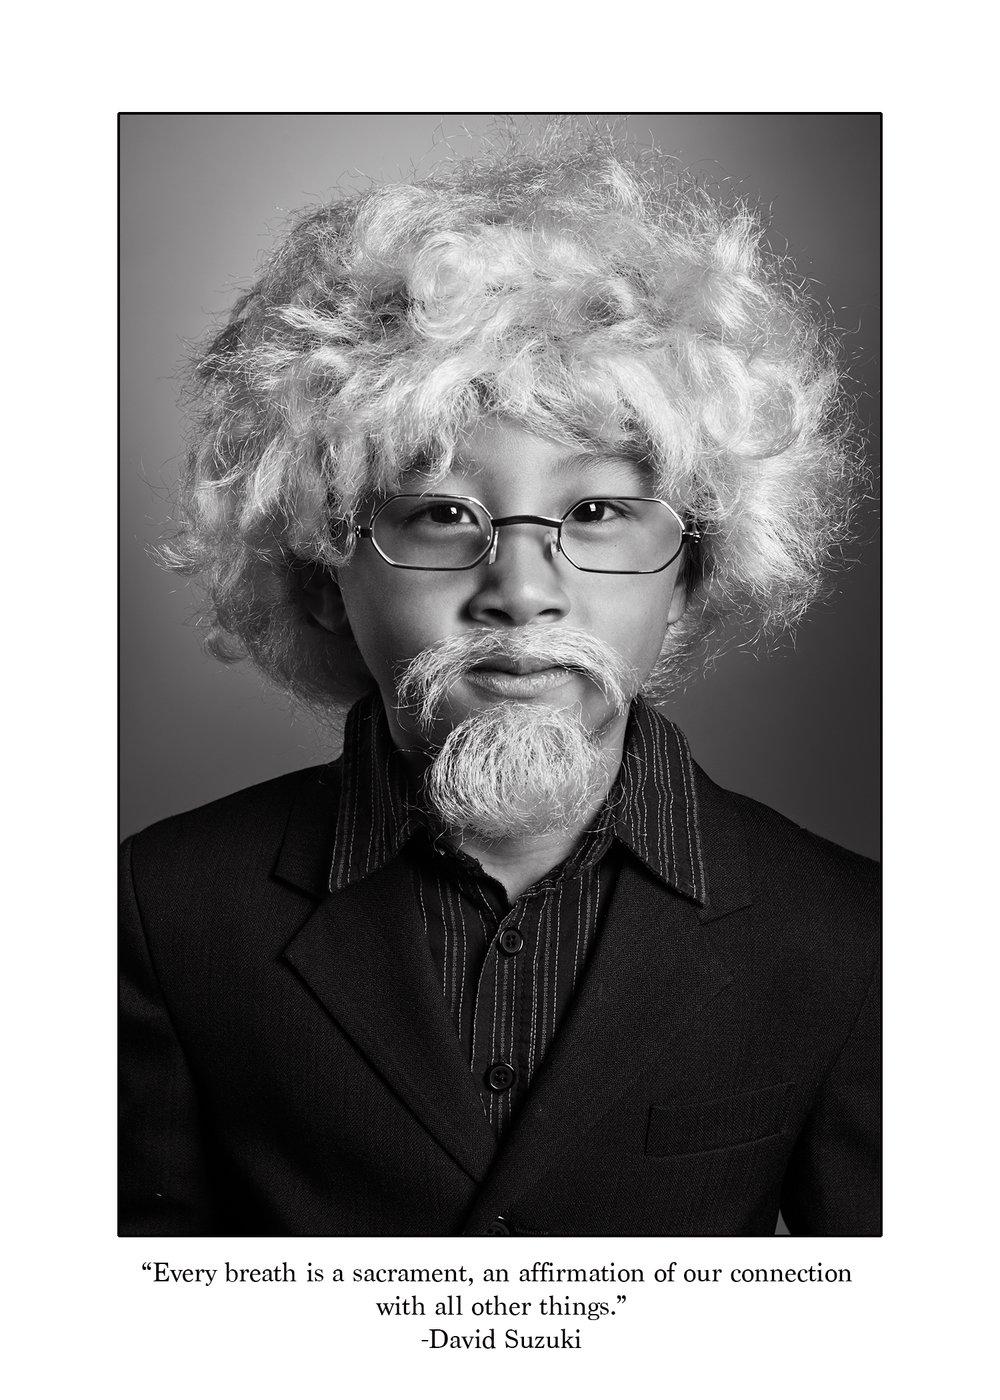 davidsuzuki.jpg